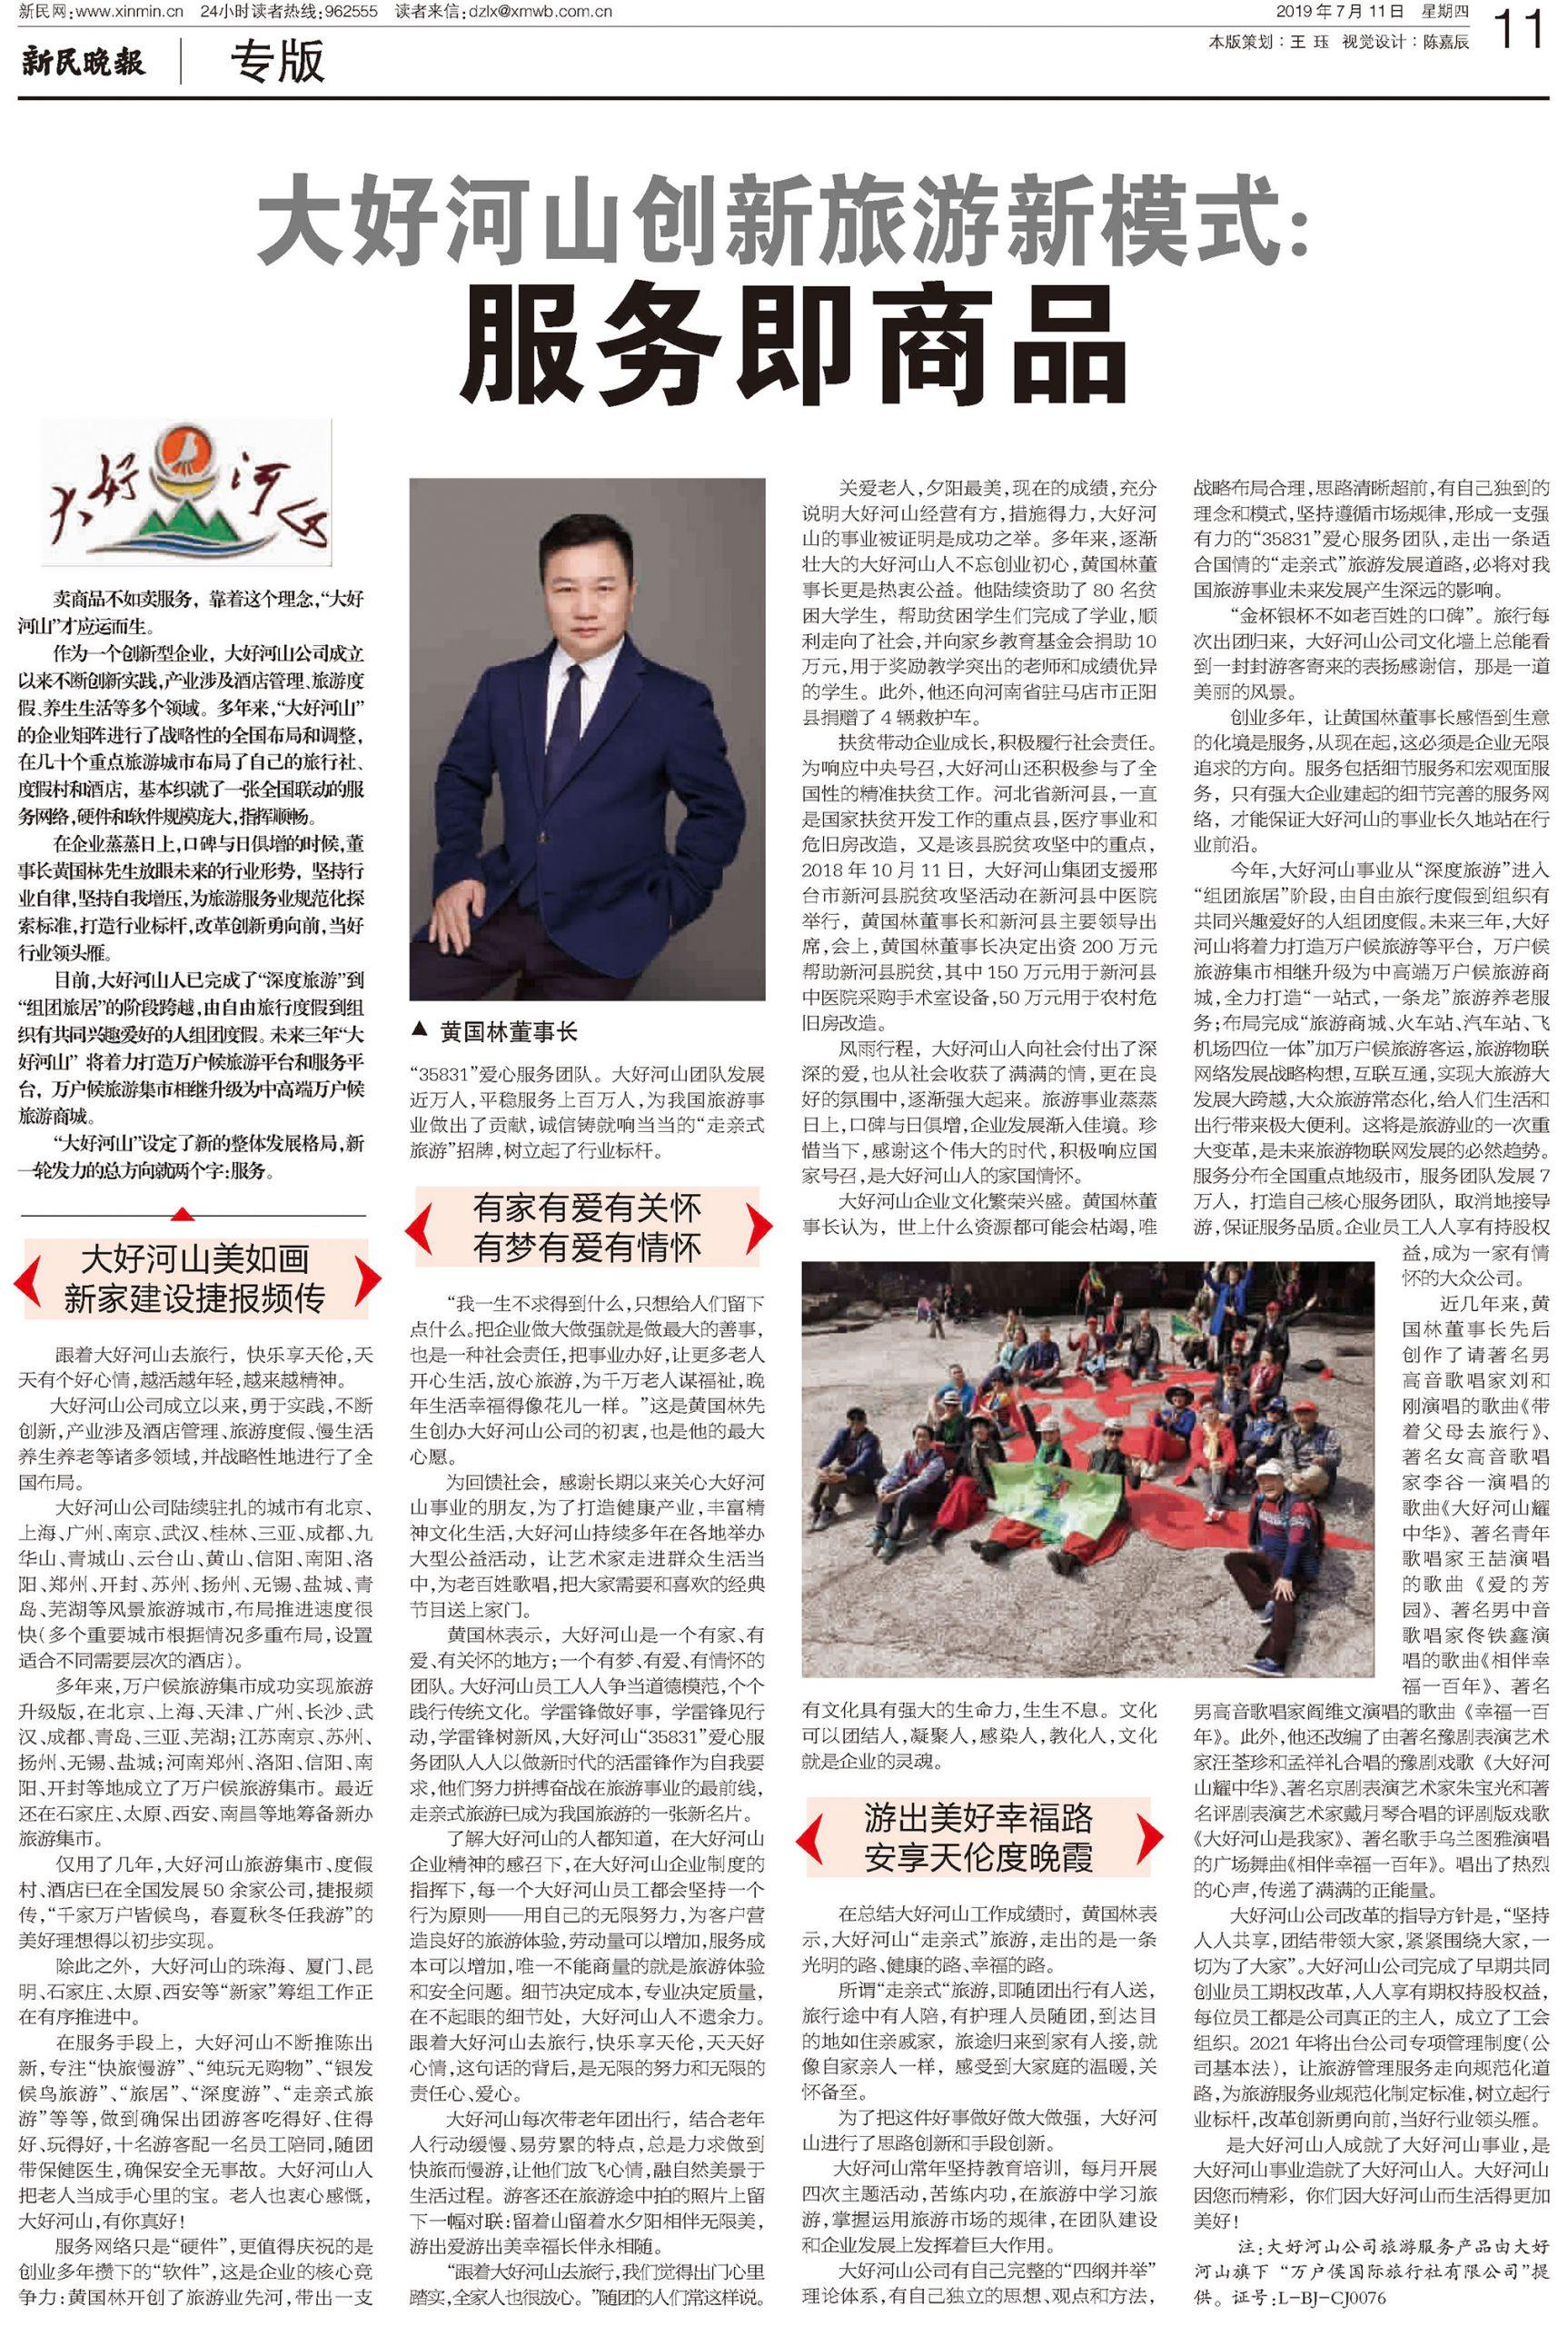 新民晚报 2019-07-11 专版11